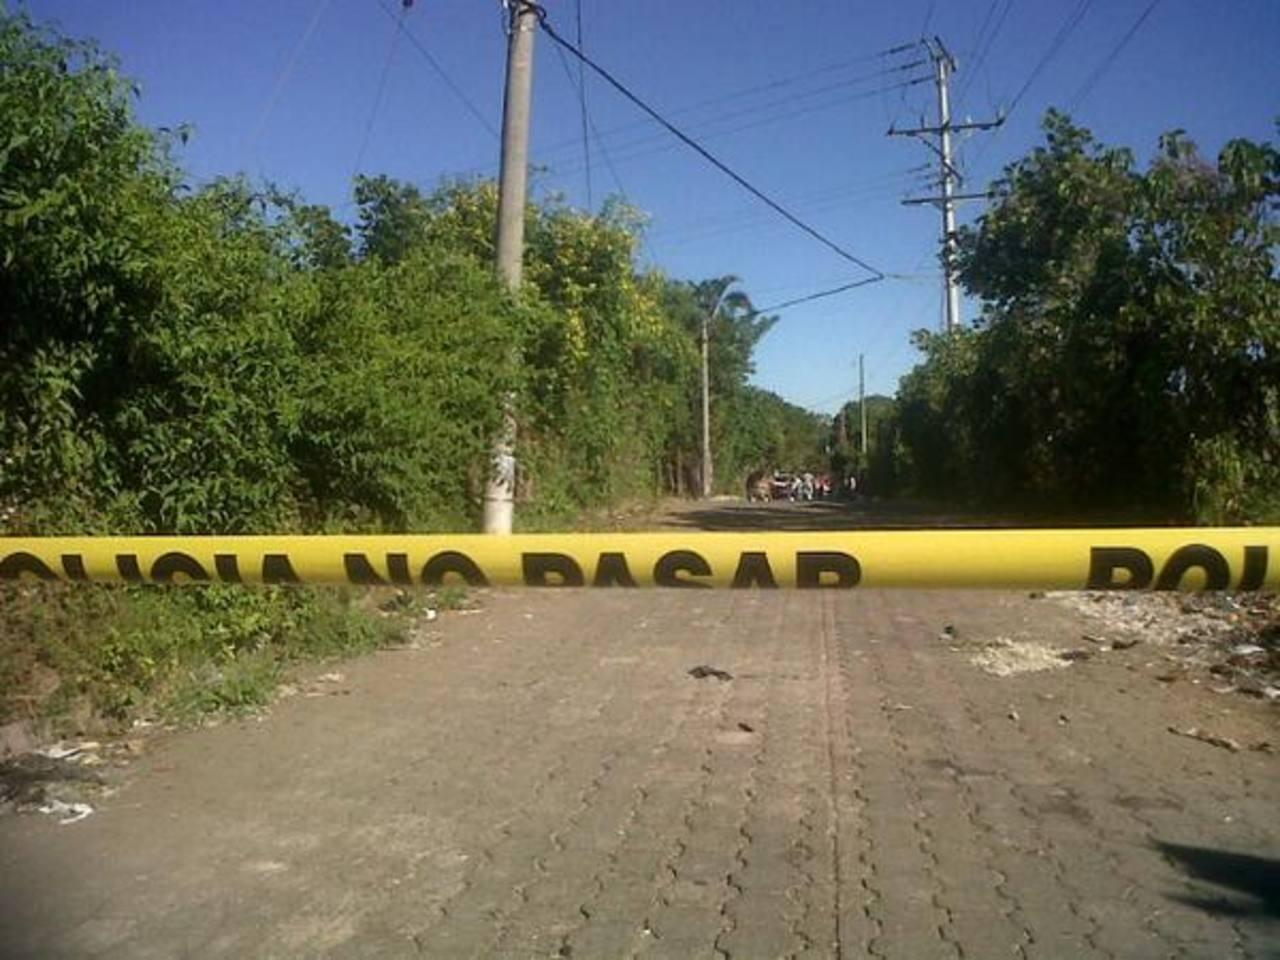 La víctima se dirigía a trabajar cuando fue asesinado por delincuentes. FOTO EDH Lilibeth Sánchez.